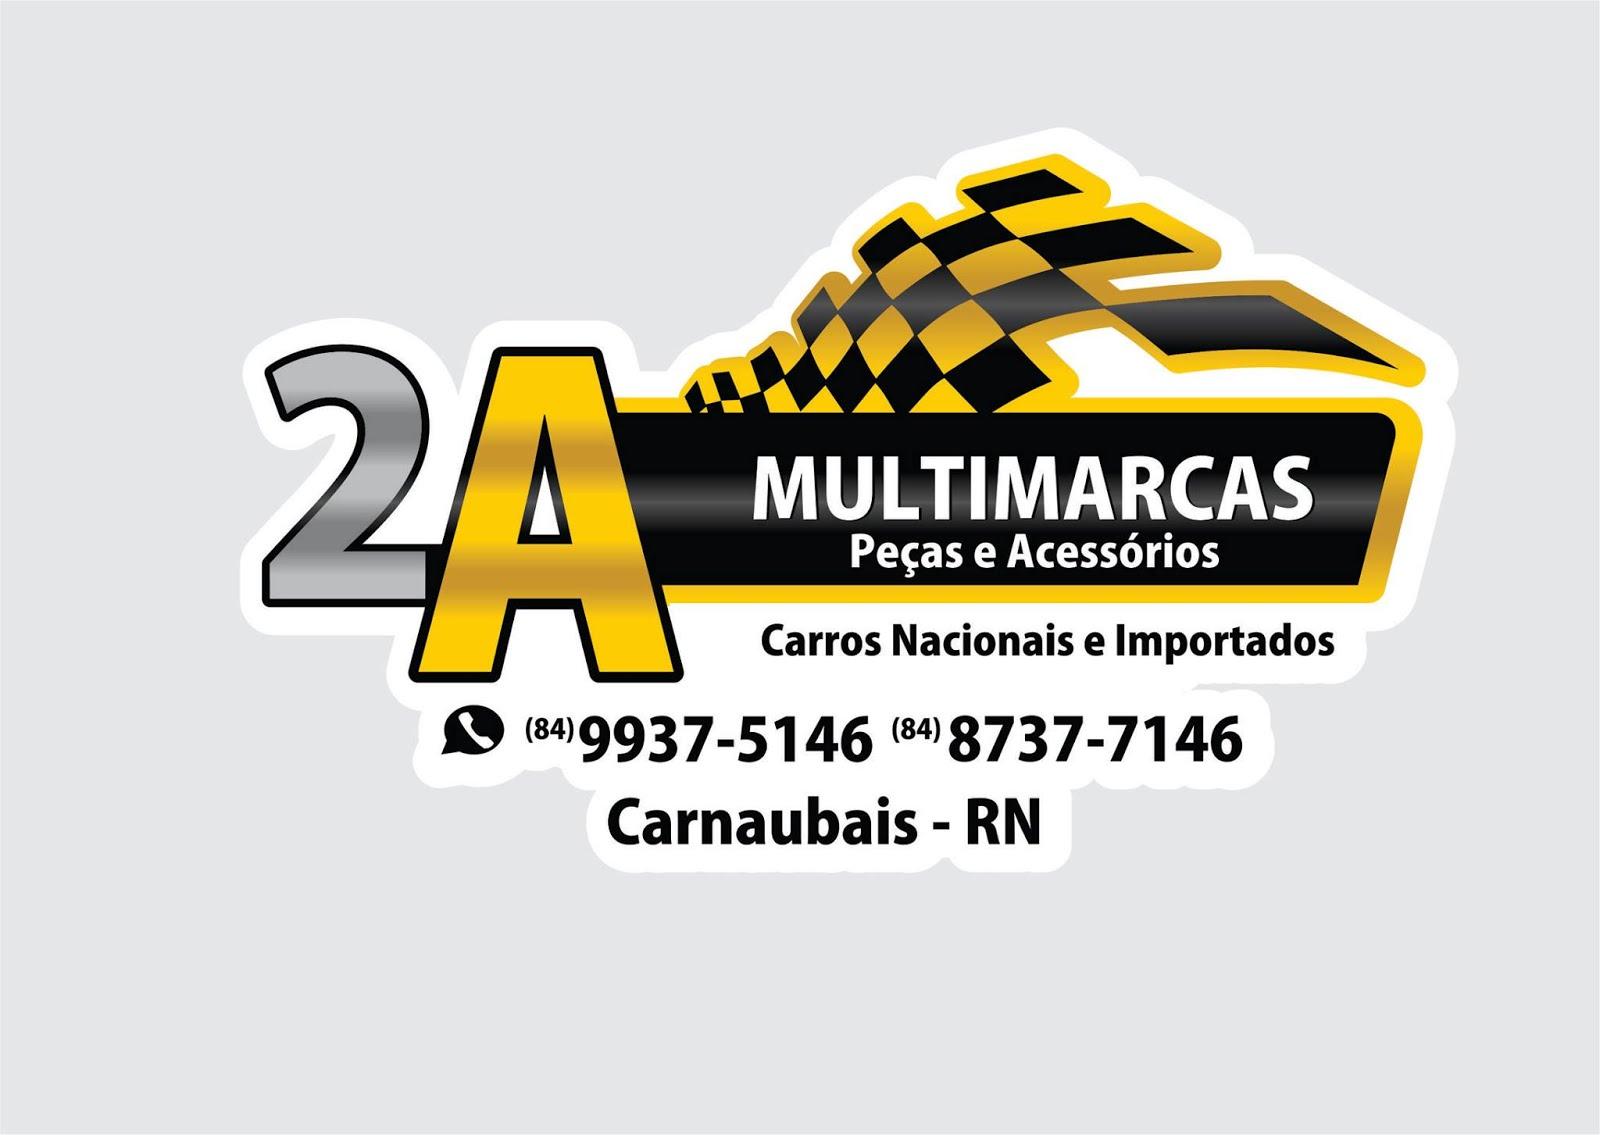 2A MULTIMARCAS